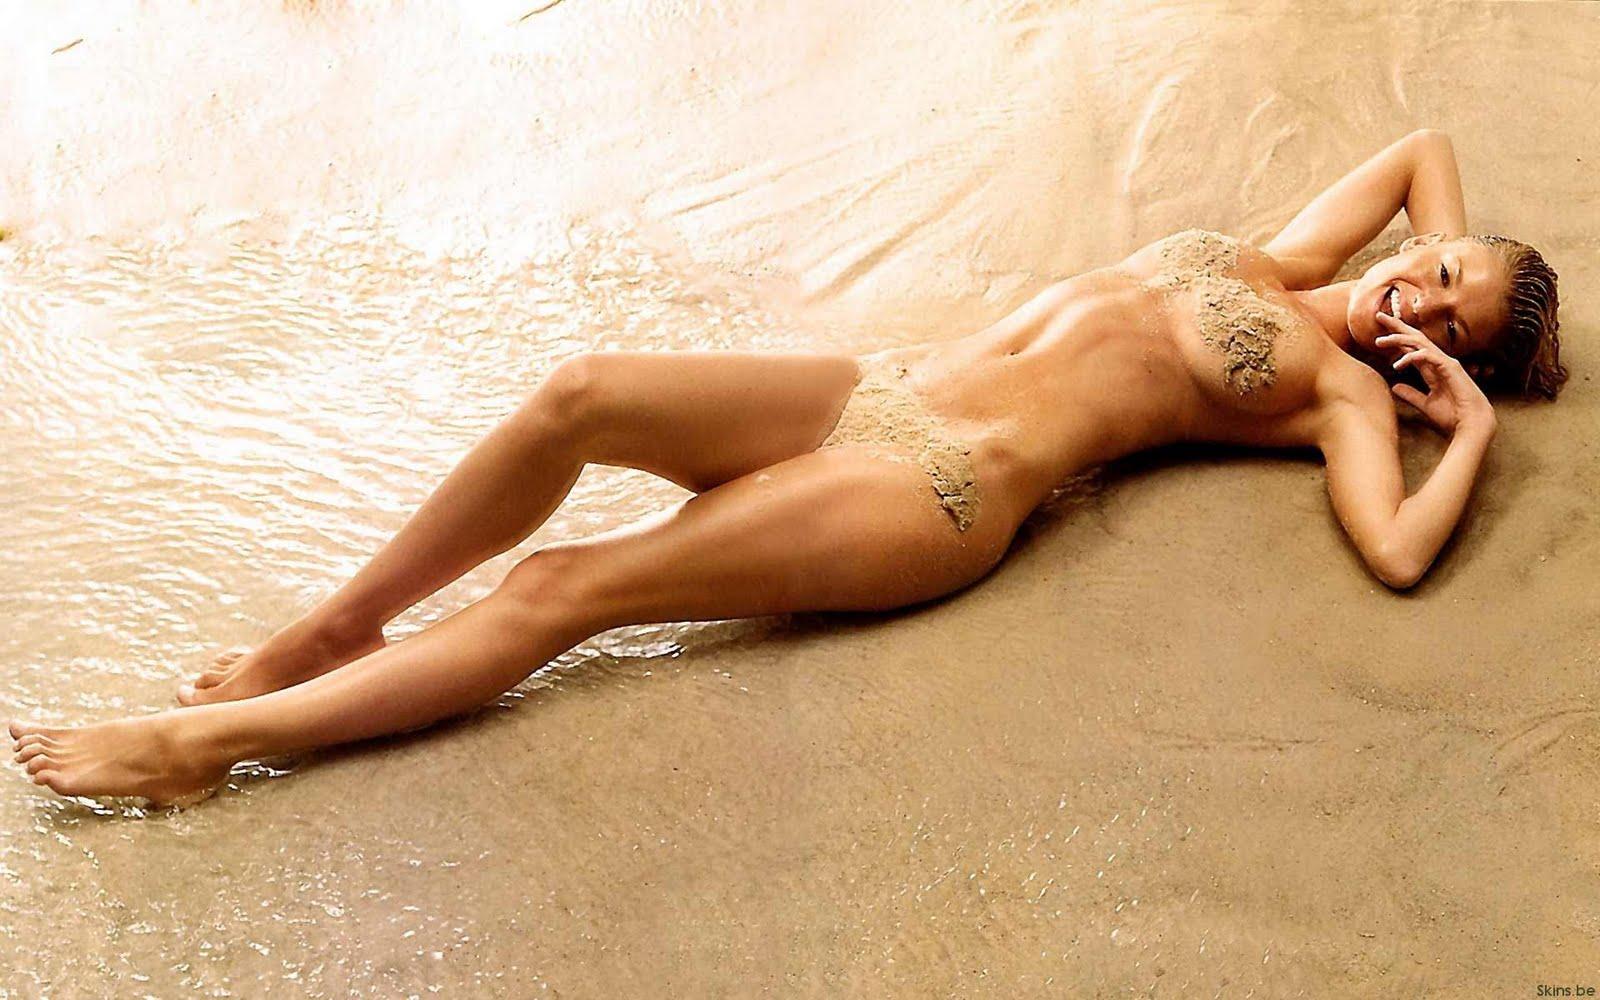 nude photos marisa miller